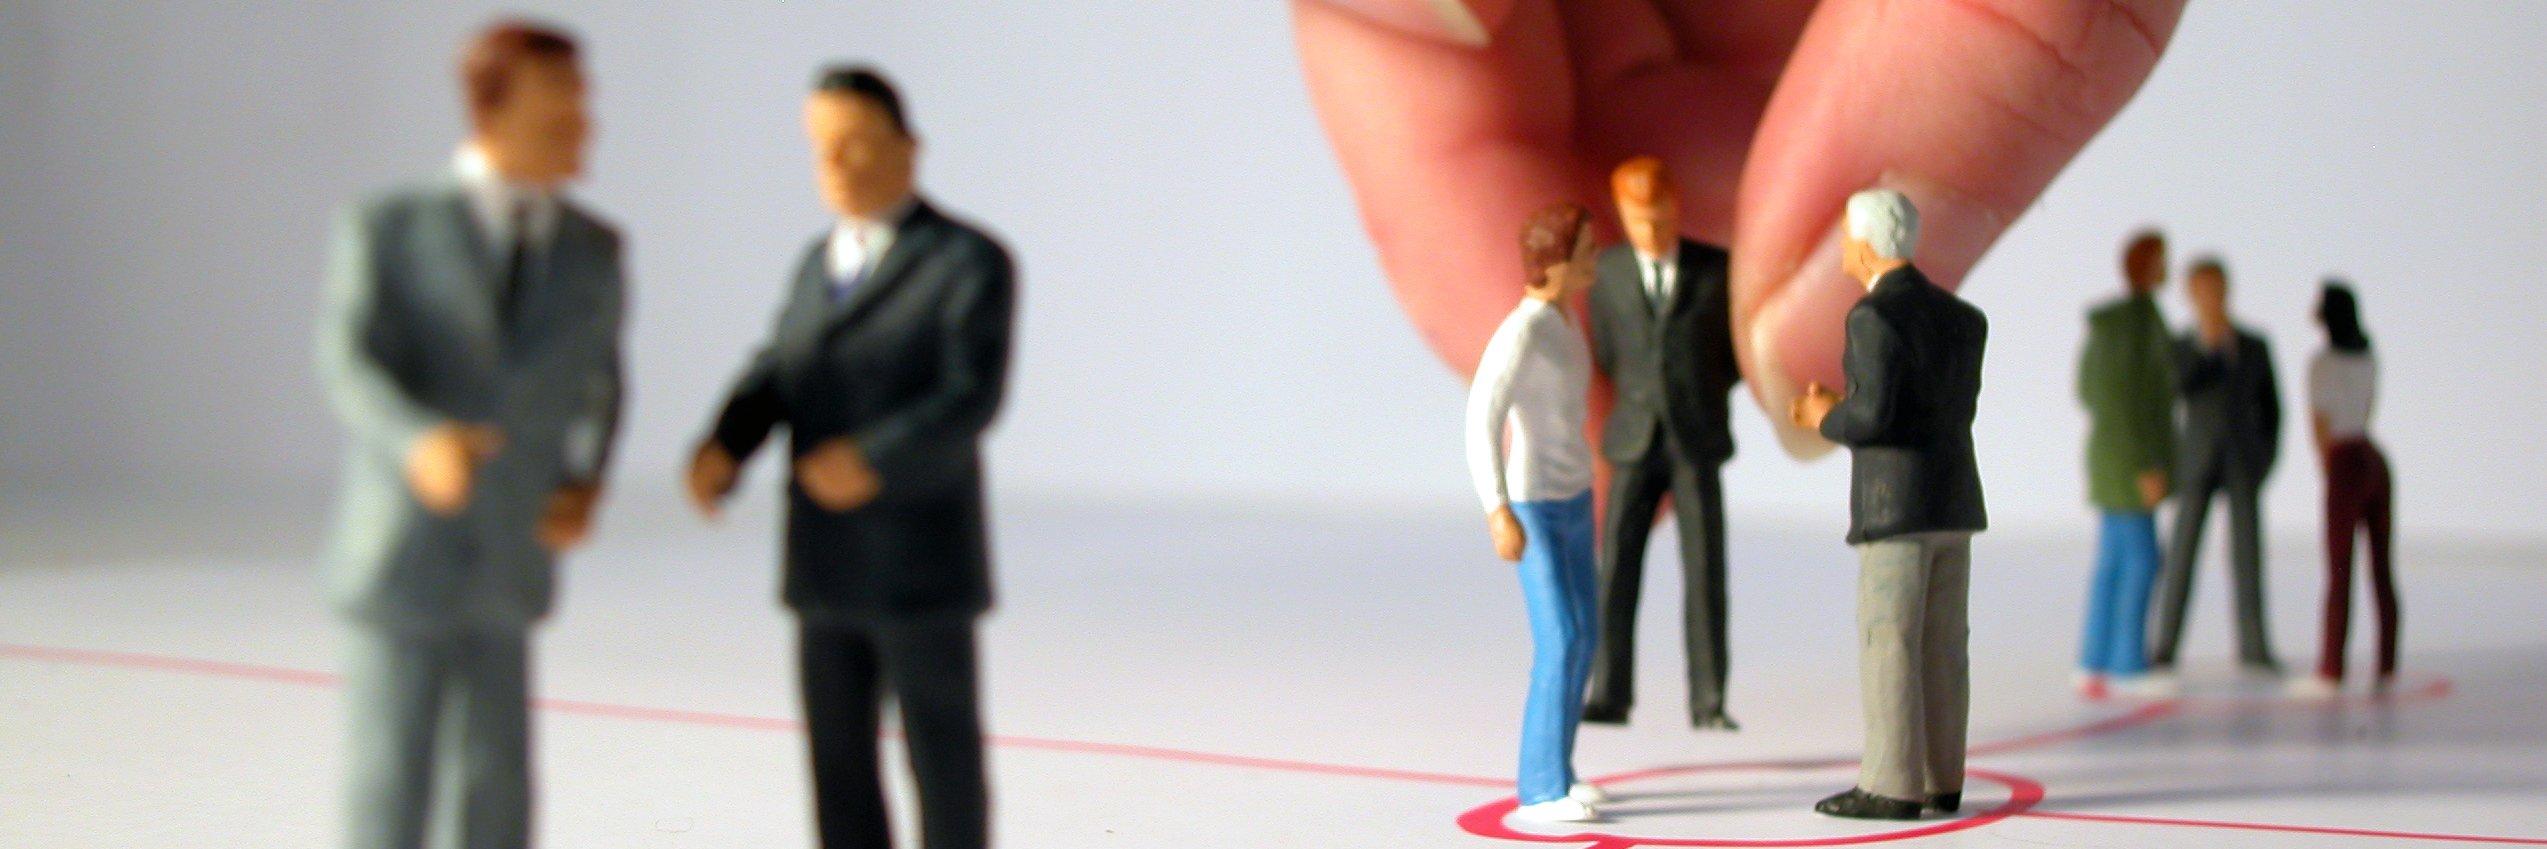 Familienstellen Organisationsstellen Hand mit Figuren Stepout